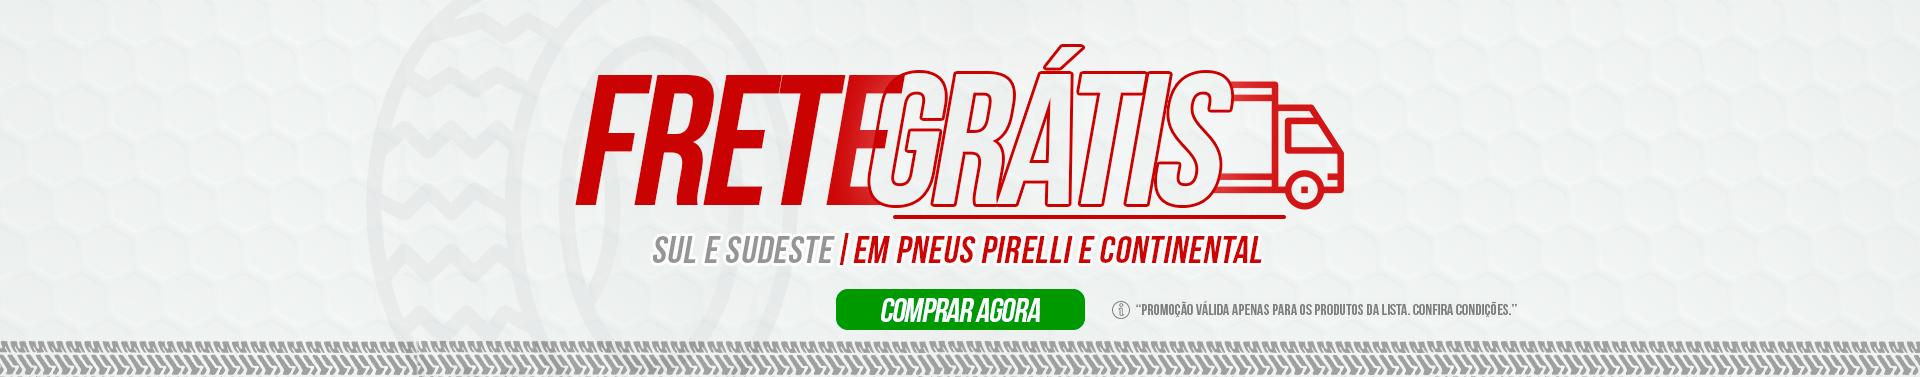 Frete Grátis Pneus Pirelli e Continental